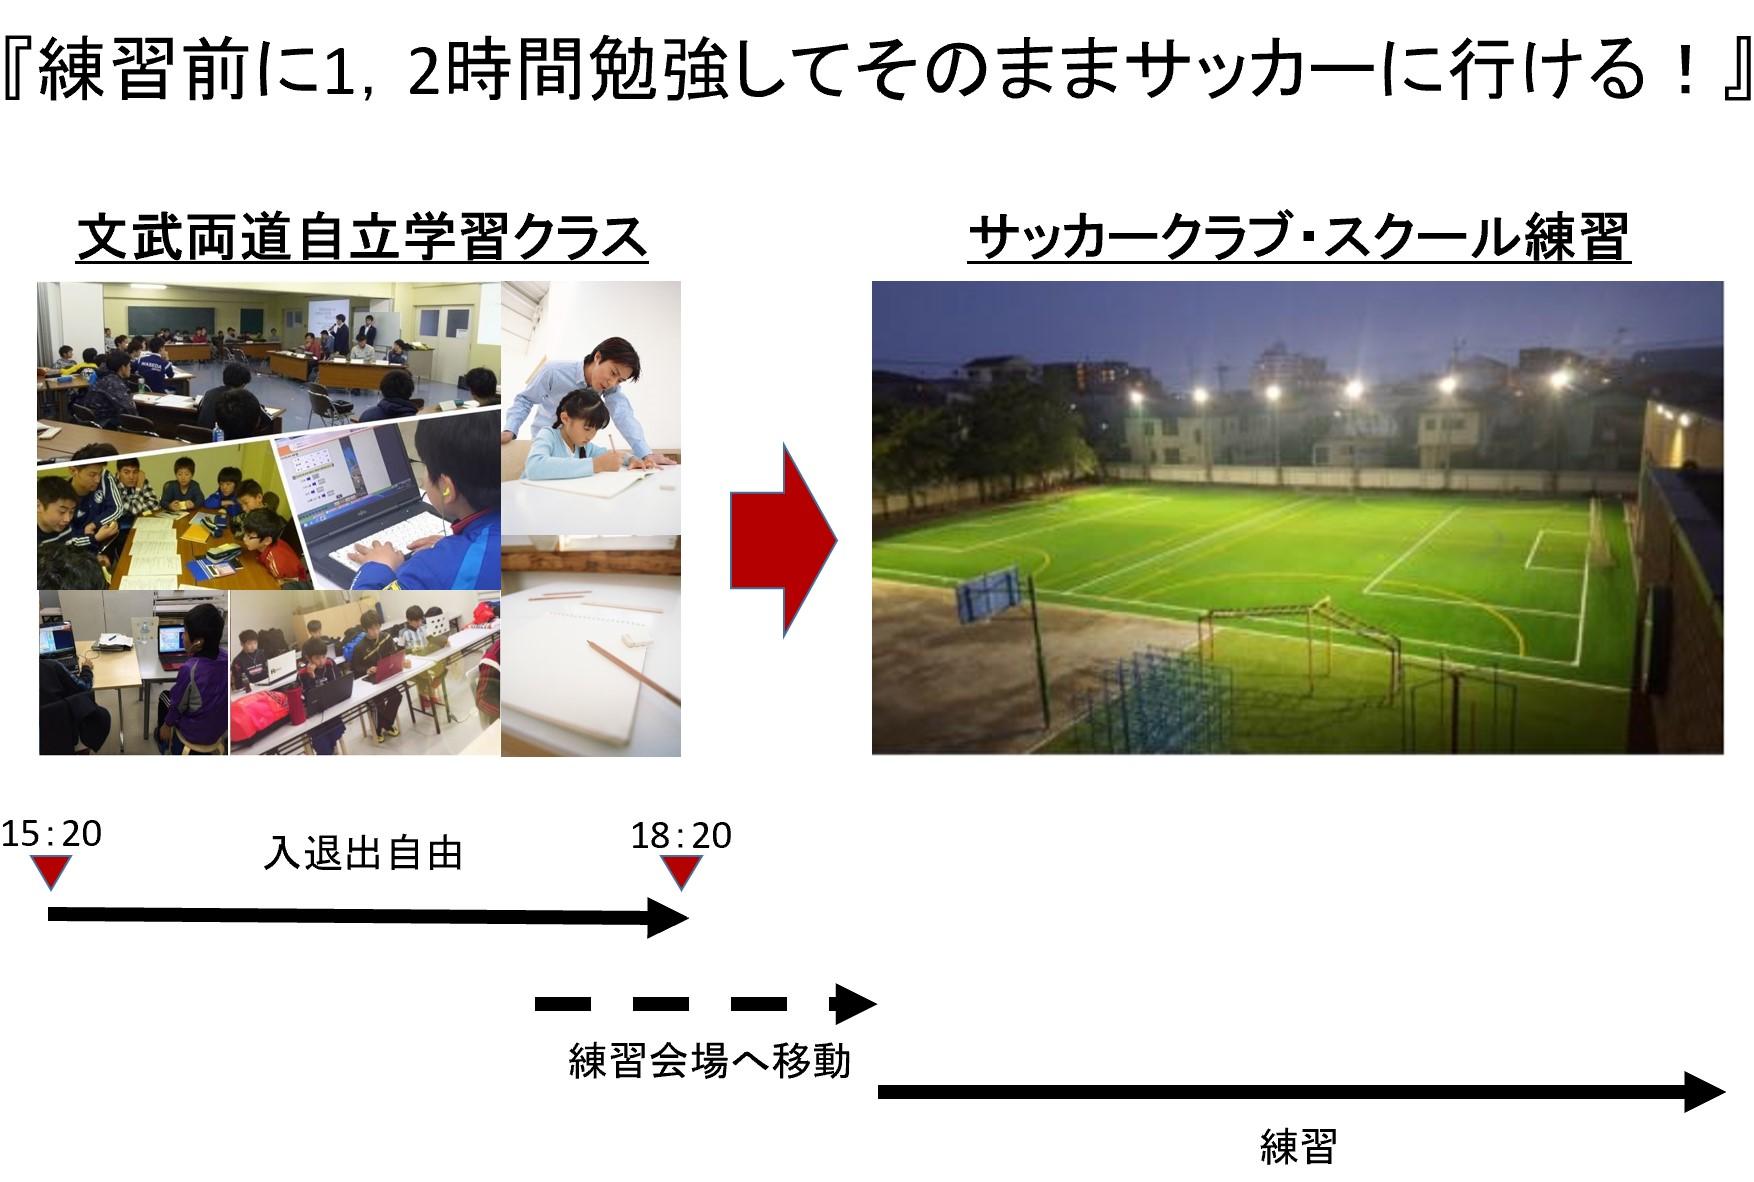 『文武両道自立学習クラス』 ⭐サッカー強豪高校、強豪ジュニアユースを目指す選手限定⭐